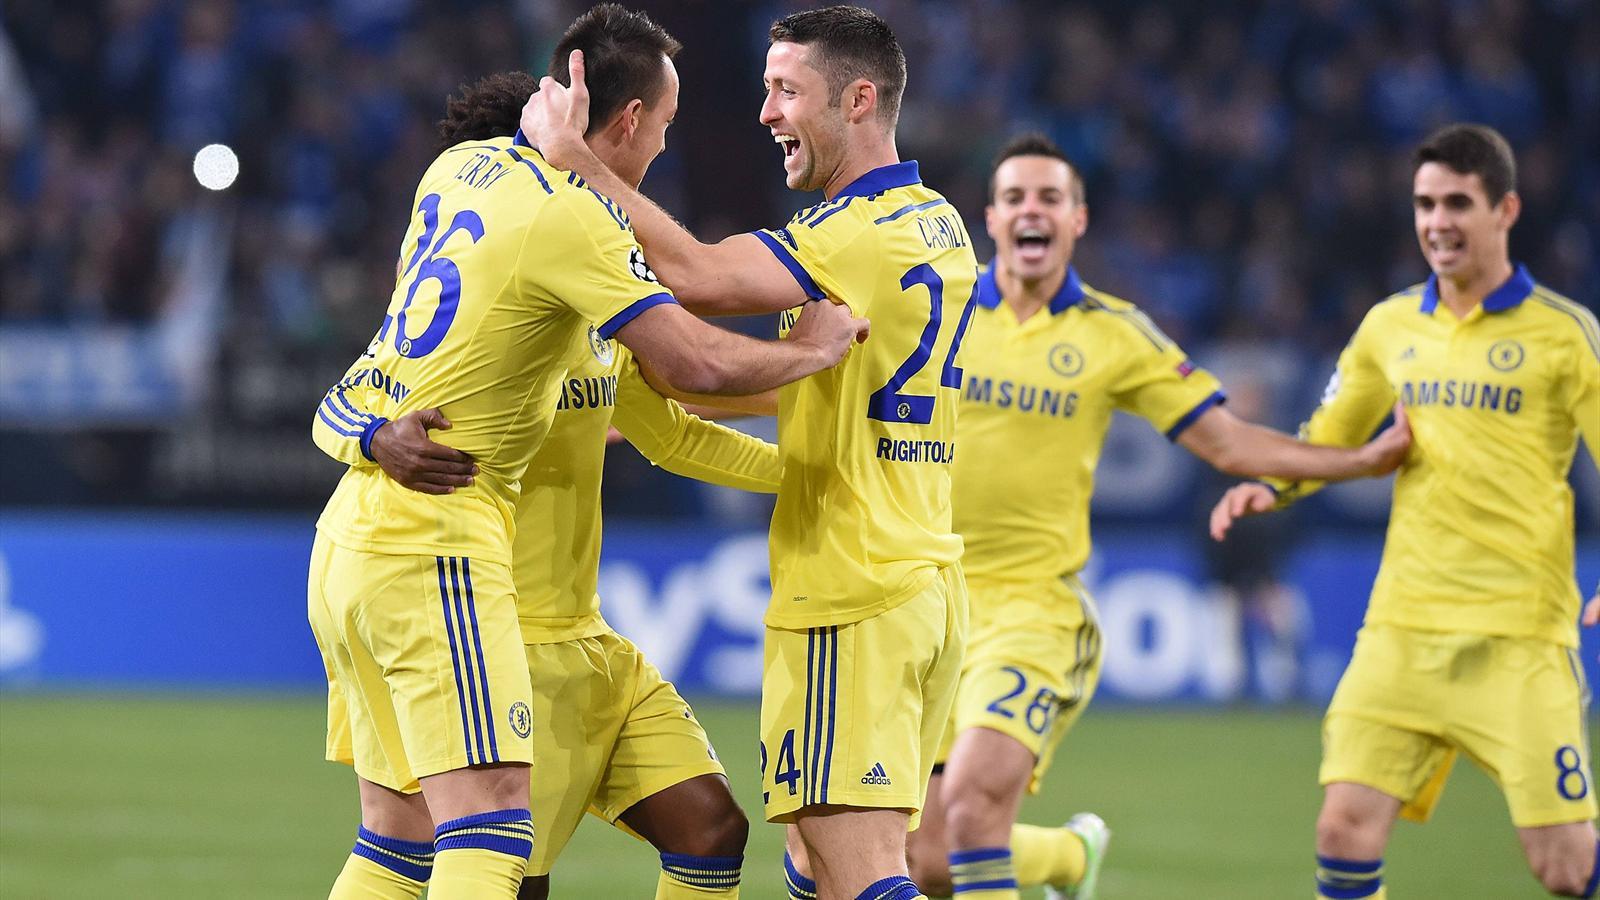 Chelsea puvlérise Schalke 04 en Allemagne (0-5) et se qualifie